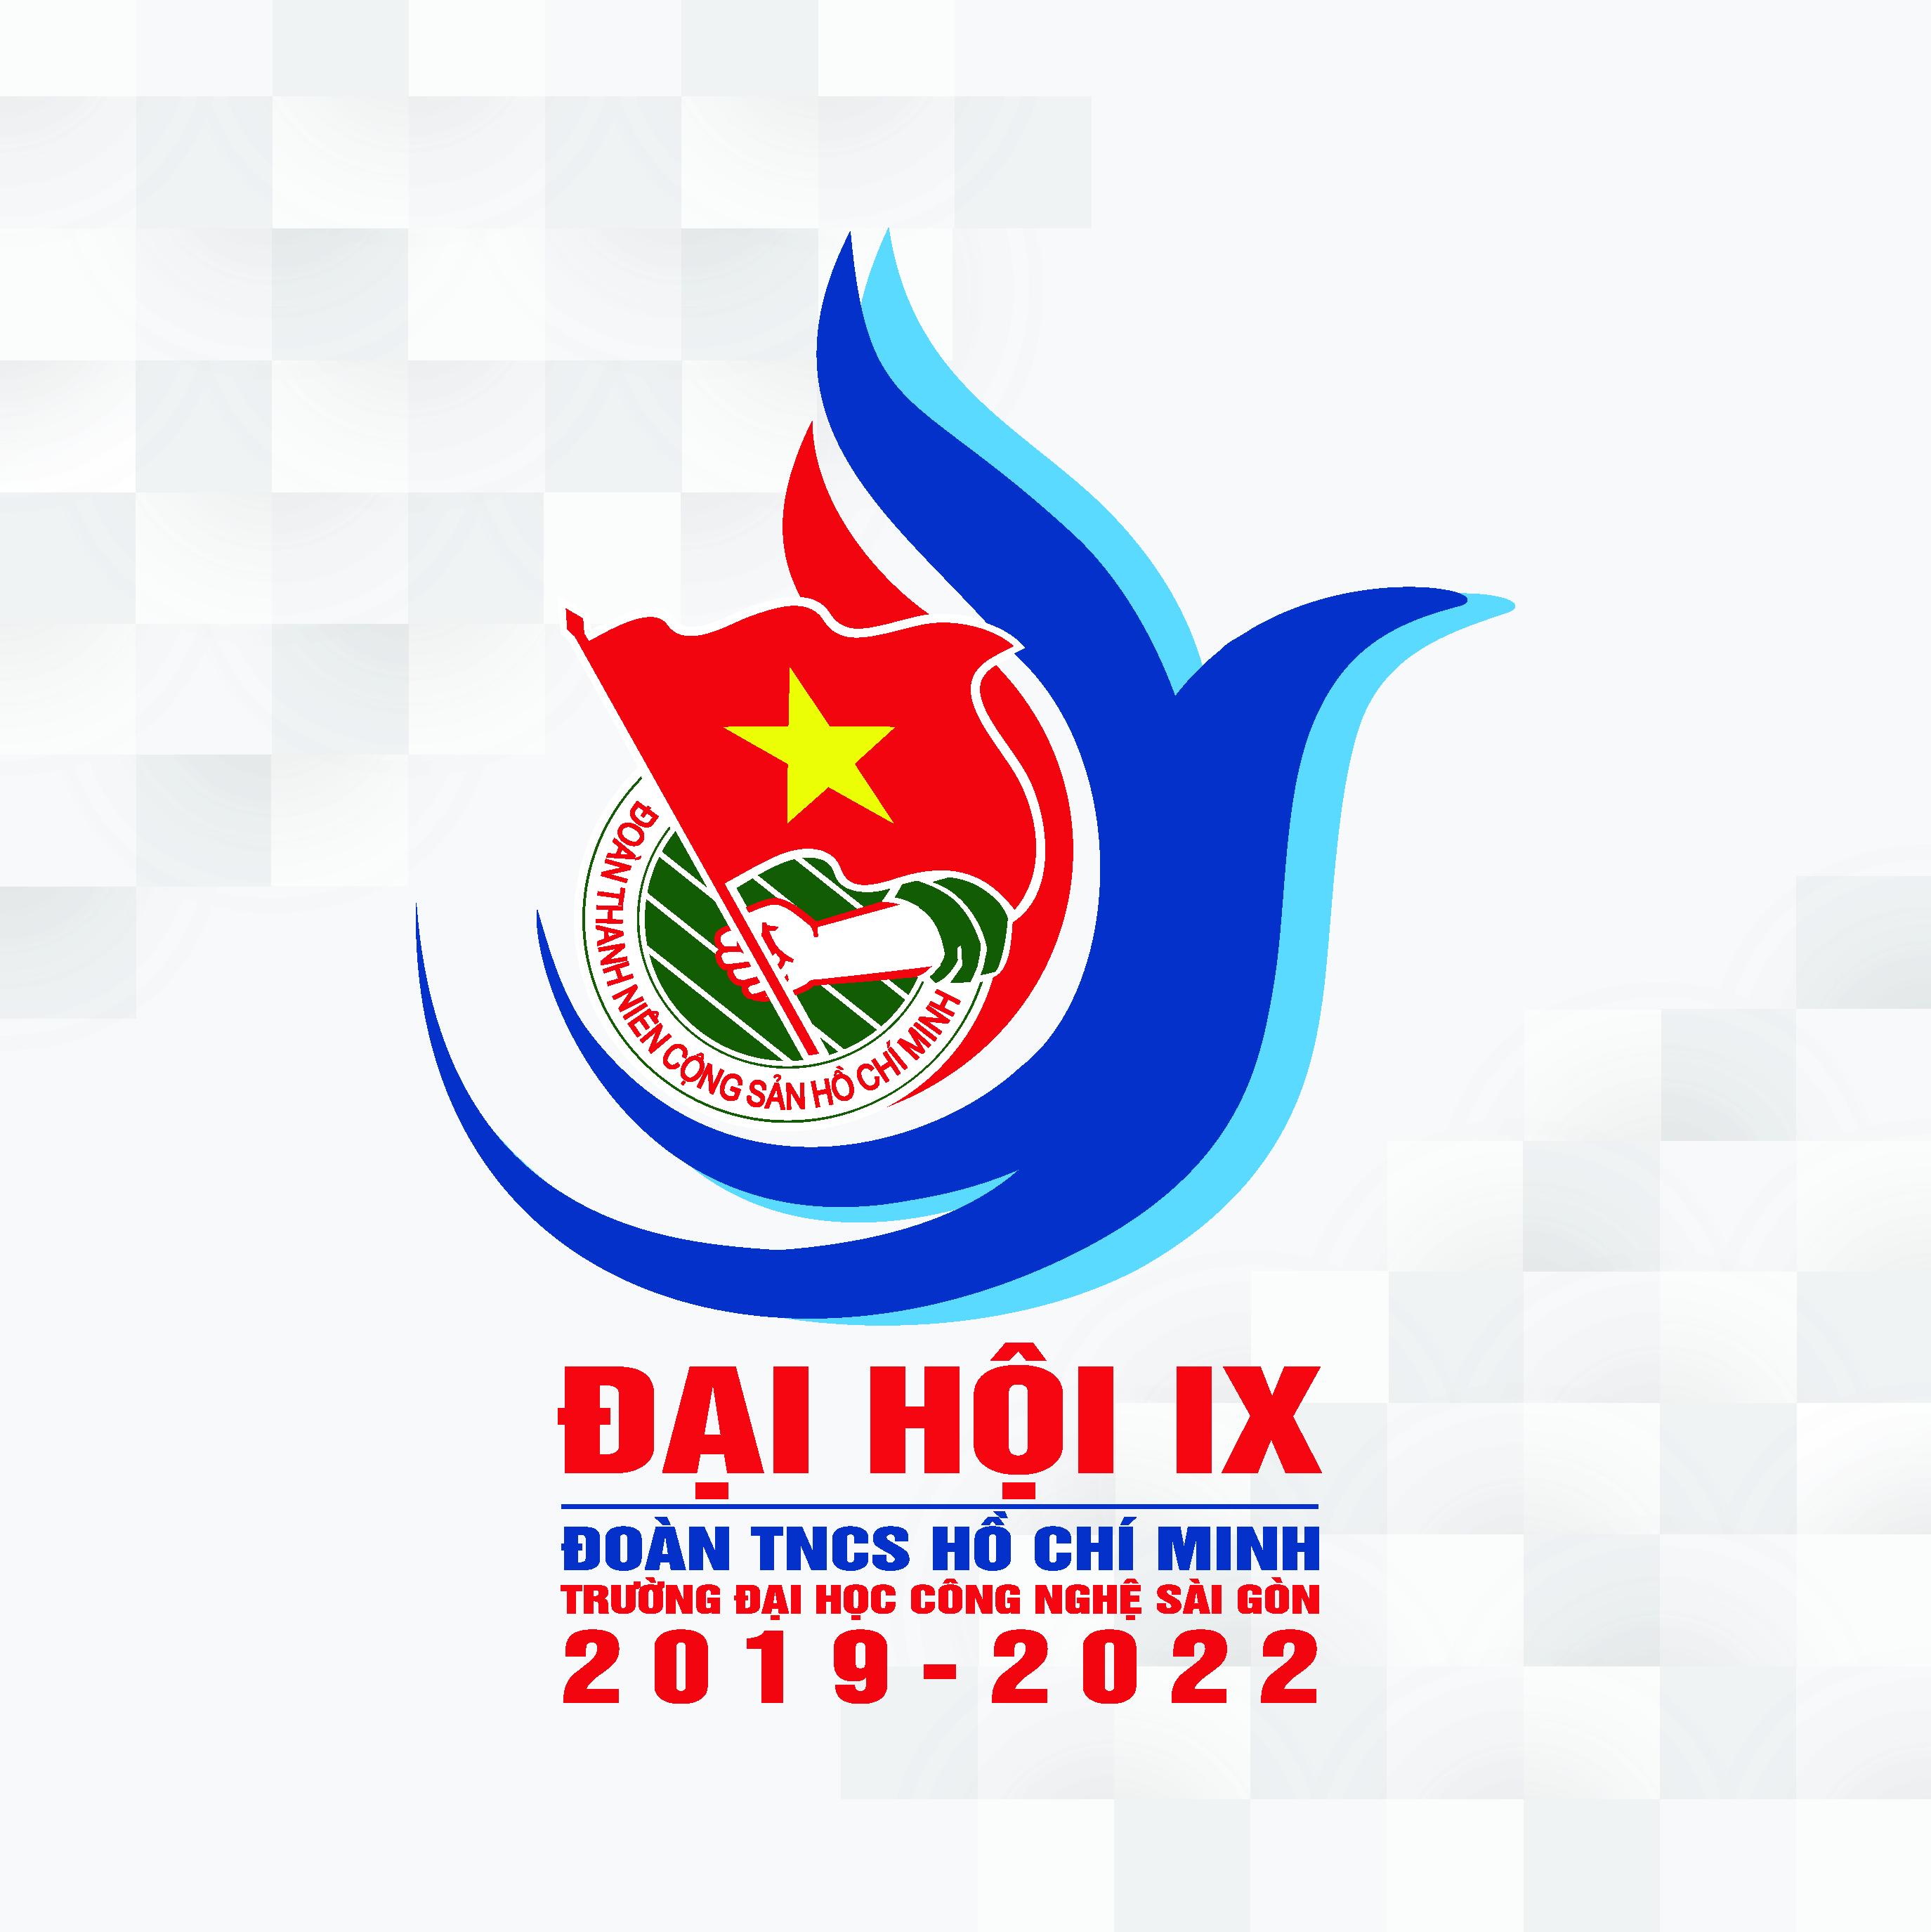 ĐẠI HỘI ĐẠI BIỂU ĐOÀN TRƯỜNG ĐẠI HỌC CÔNG NGHỆ SÀI GÒN LẦN IX, NHIỆM KỲ 2019 - 2022